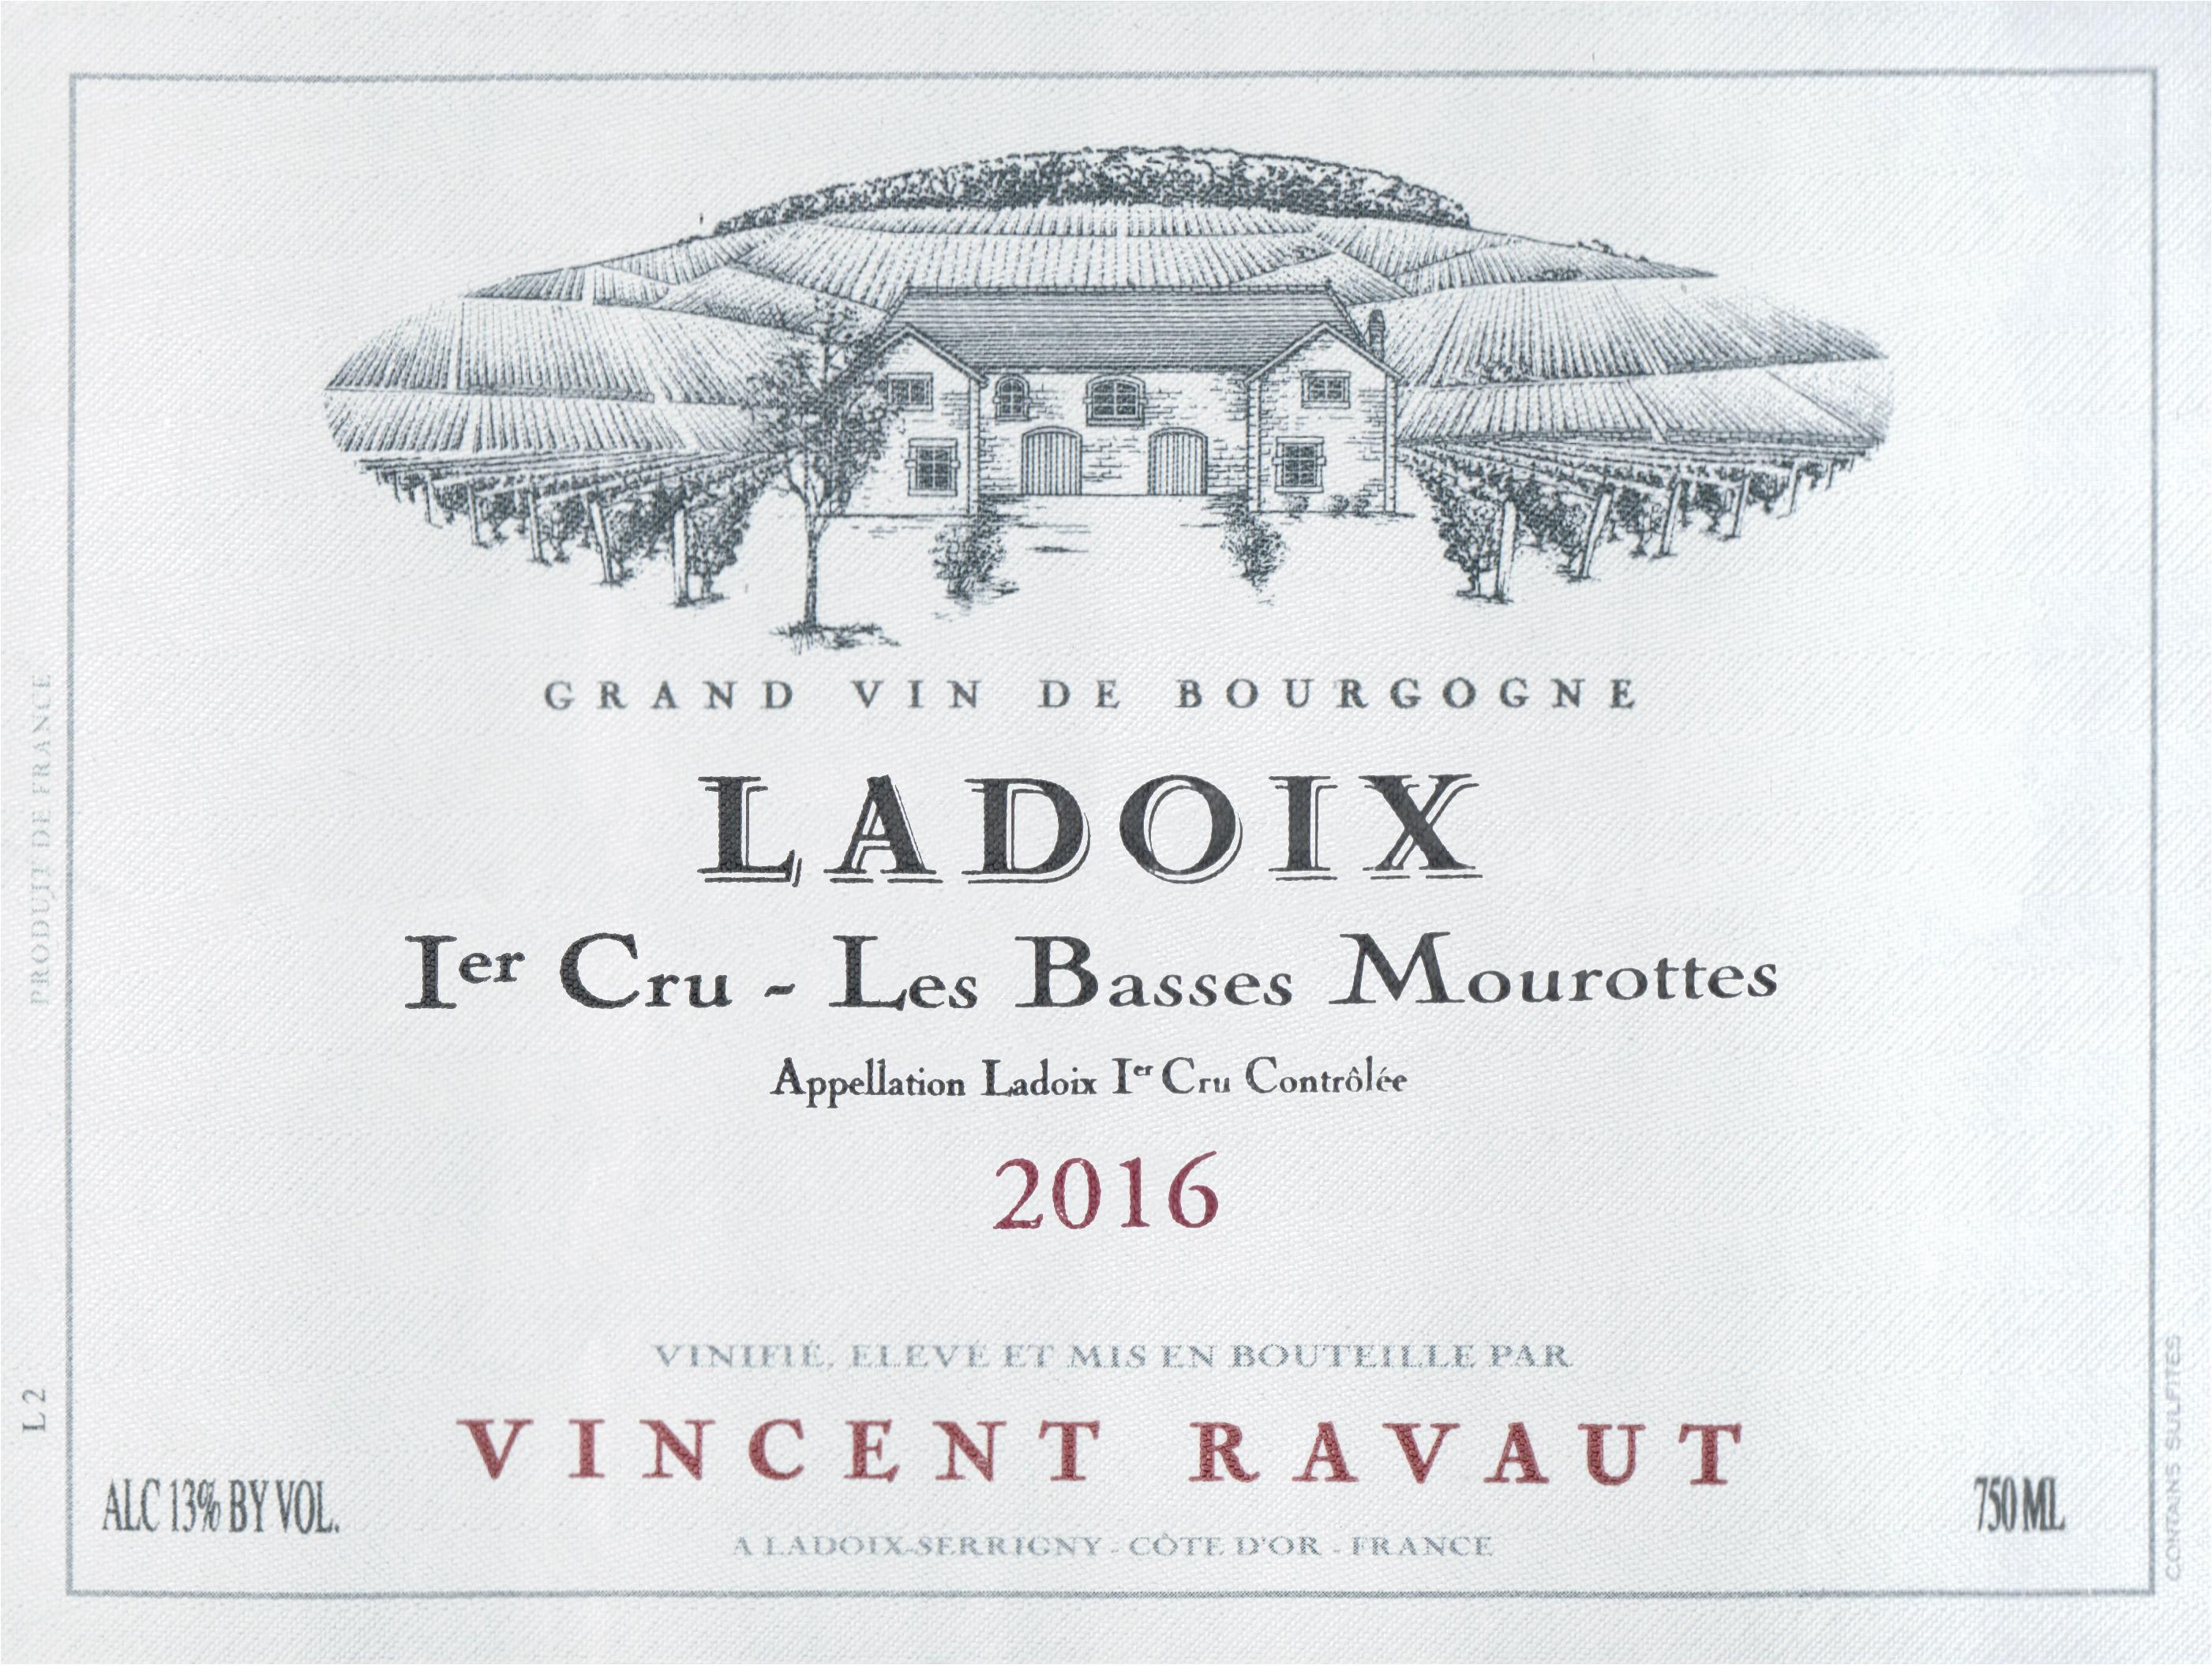 Domaine Vincent Ravaut Ladoix Lbasses Mourottes Rouge 1er Cru 2016